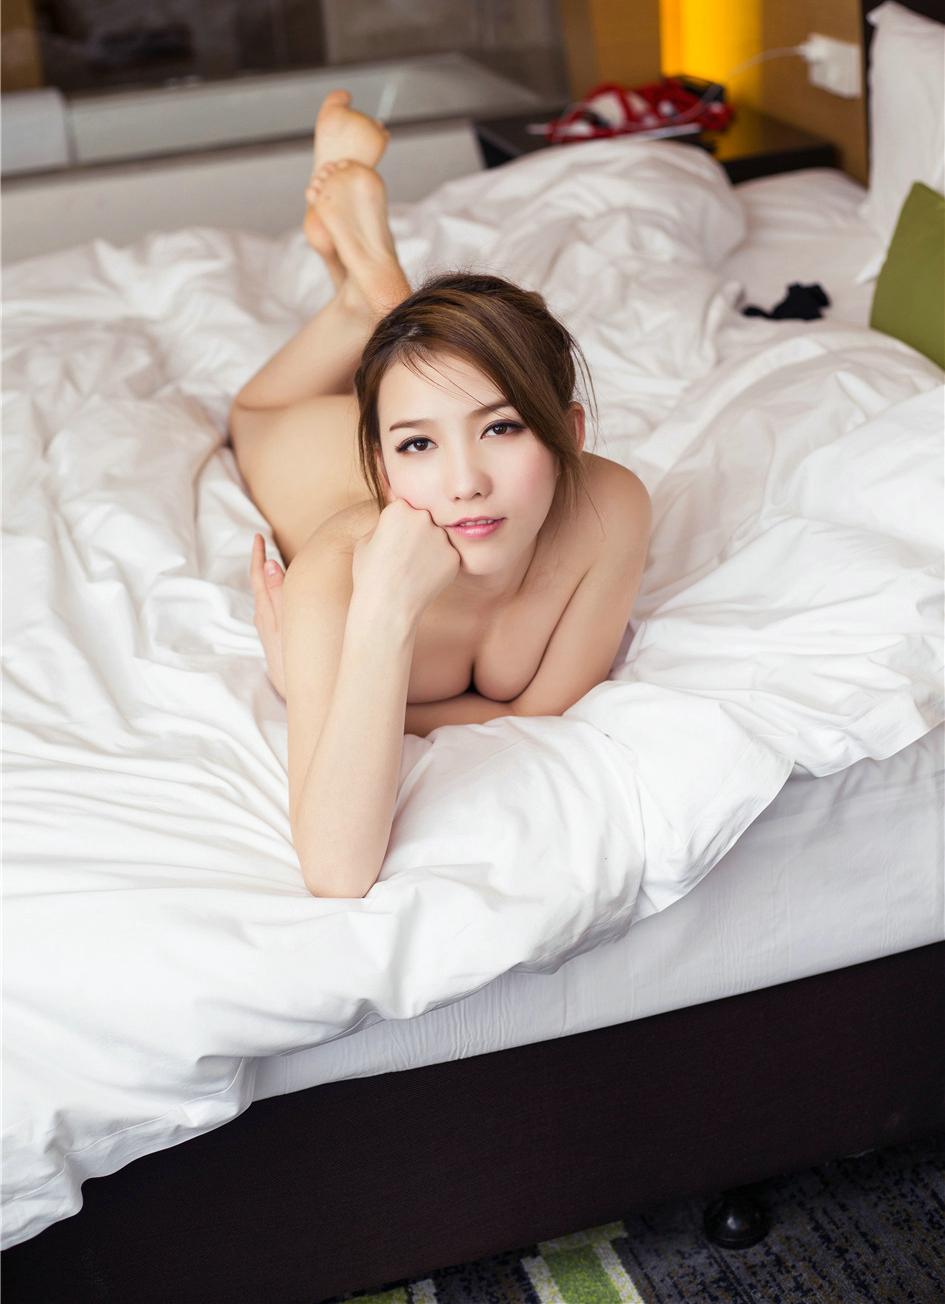 亚洲性感人体模私房大尺度诱惑写真套图,男友有处女情结是不是一种病?